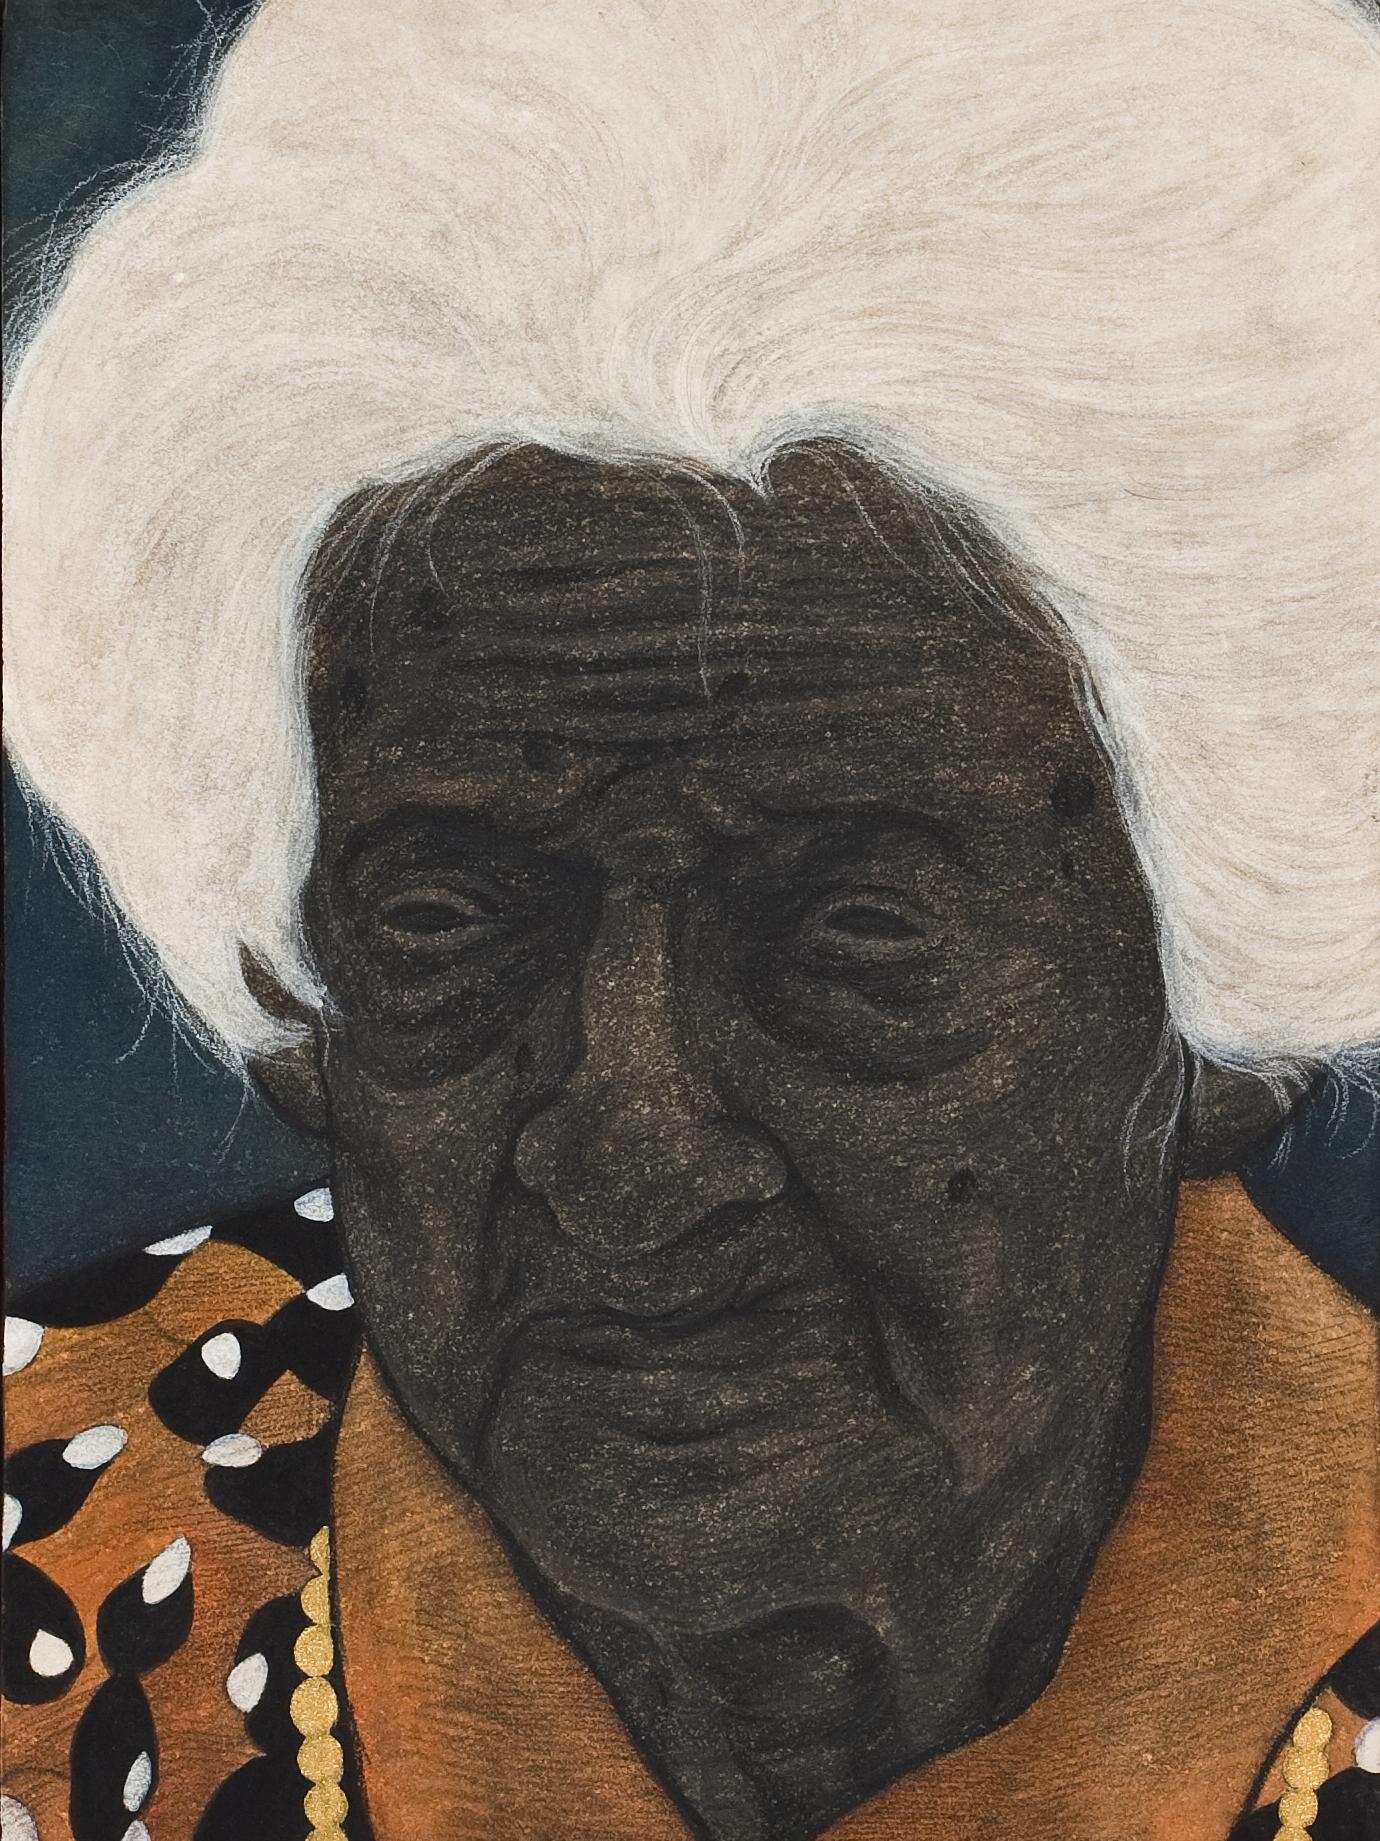 기네스북에 오른 최고령 할머니의 초상